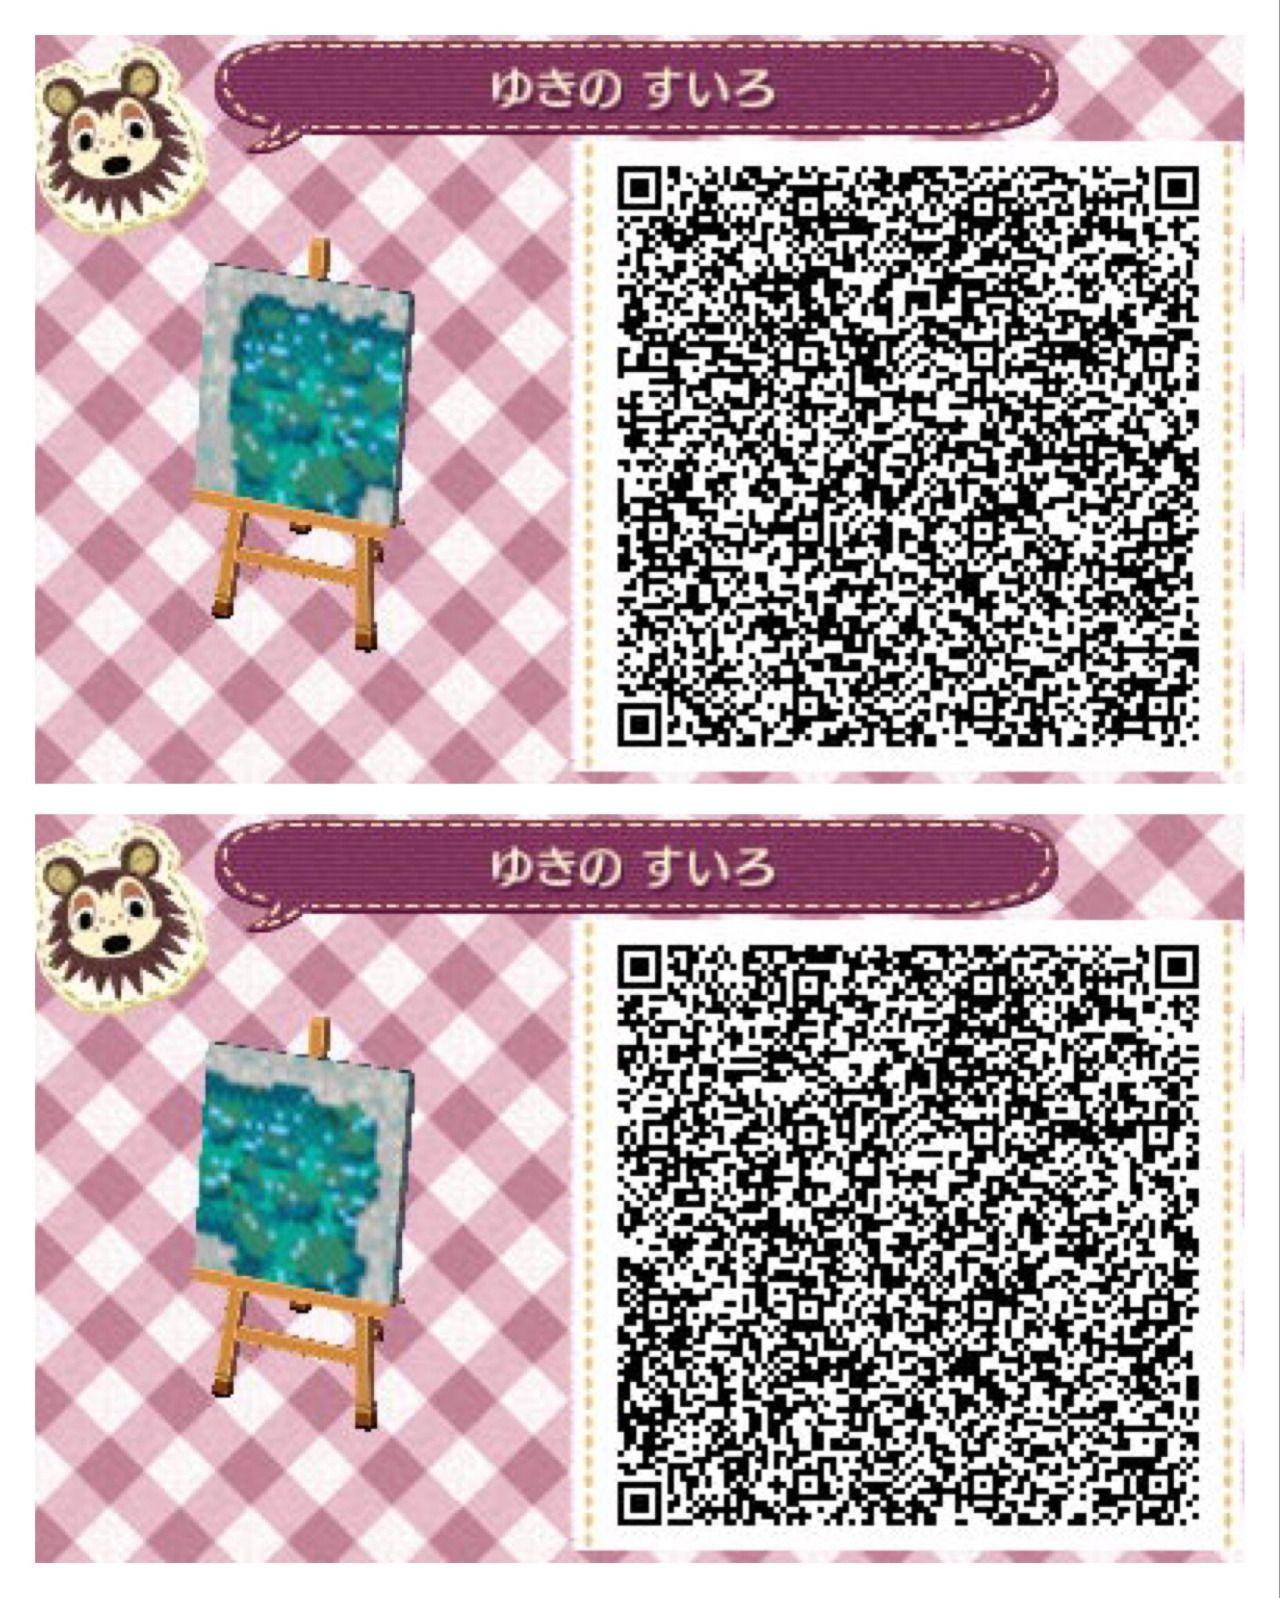 Animal Crossing New Leaf Hhd Qr Code Paths Animal Crossing Qr